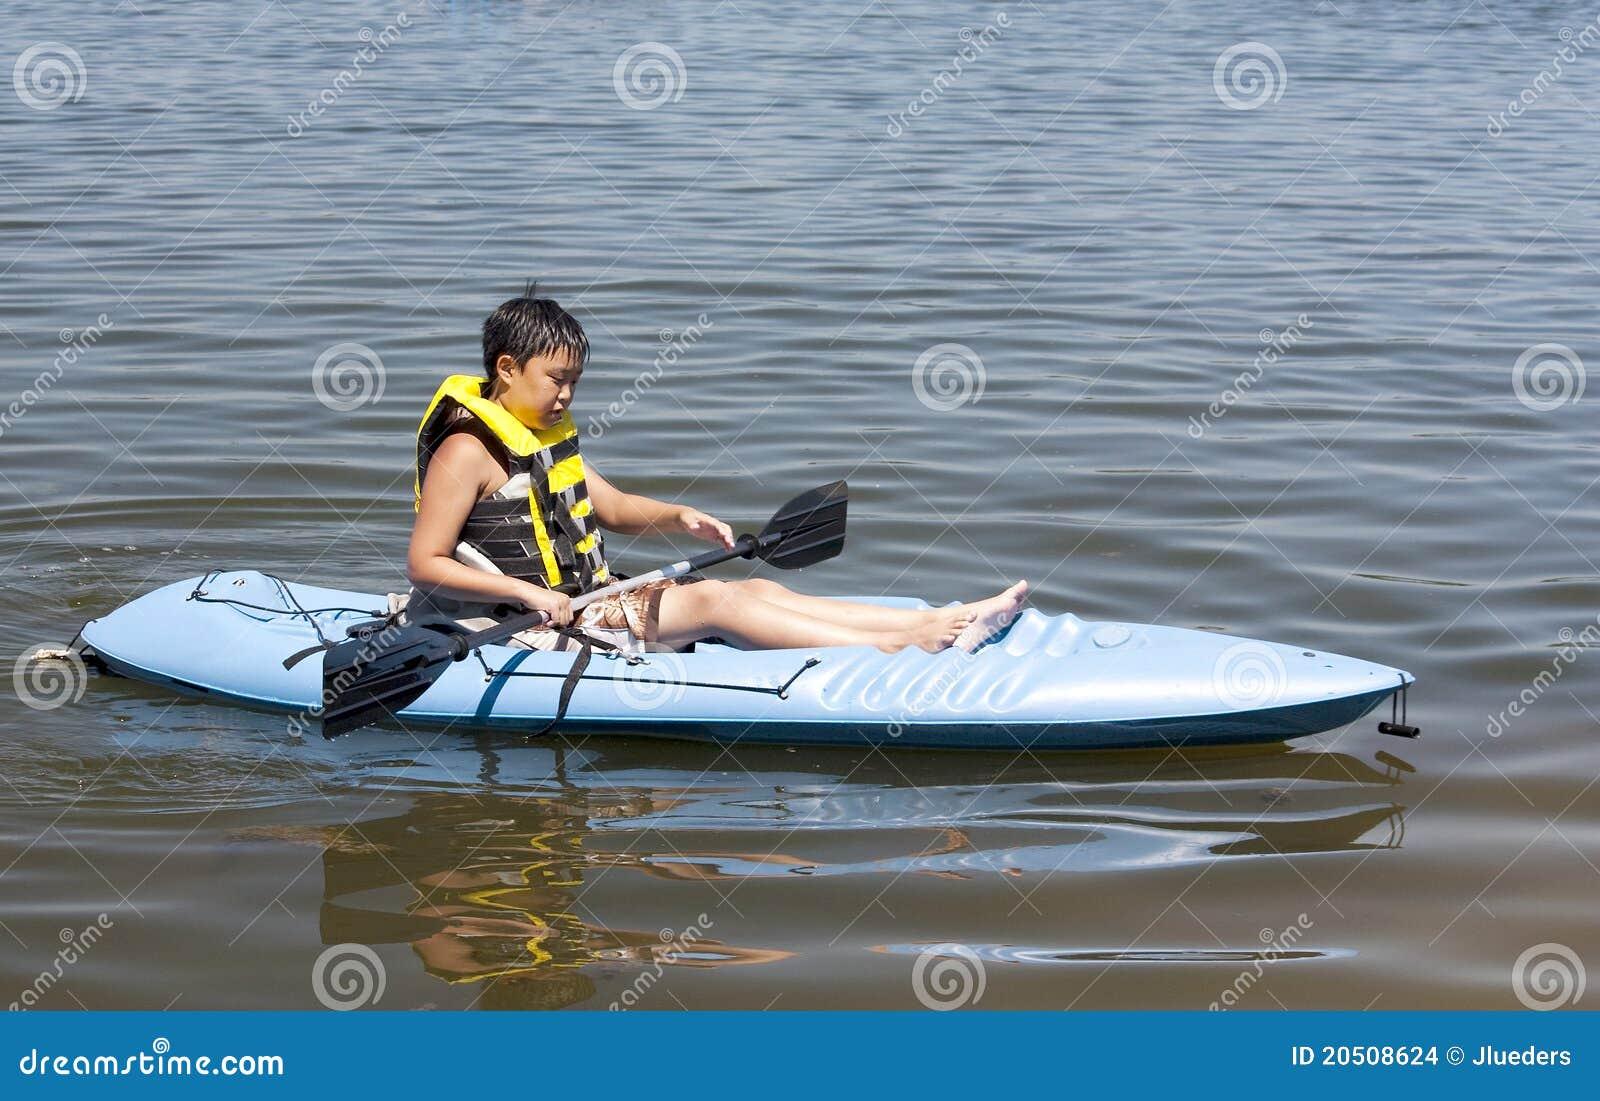 Garçon dans un kayak